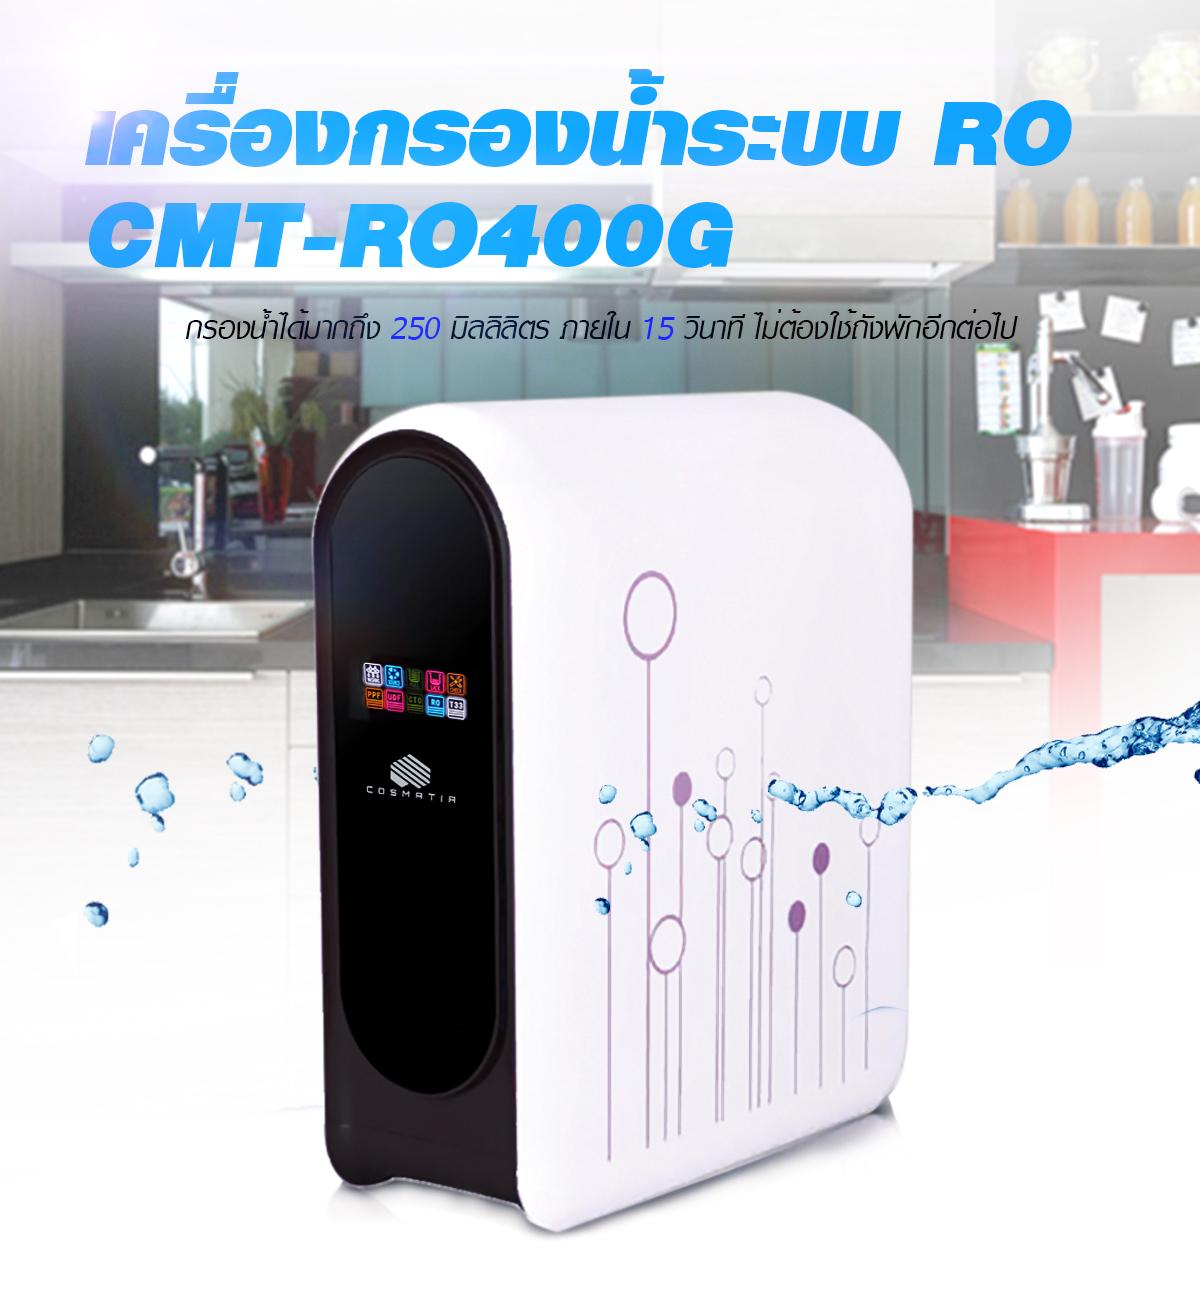 เครื่องกรองน้ำ RO - CMT-RO400G